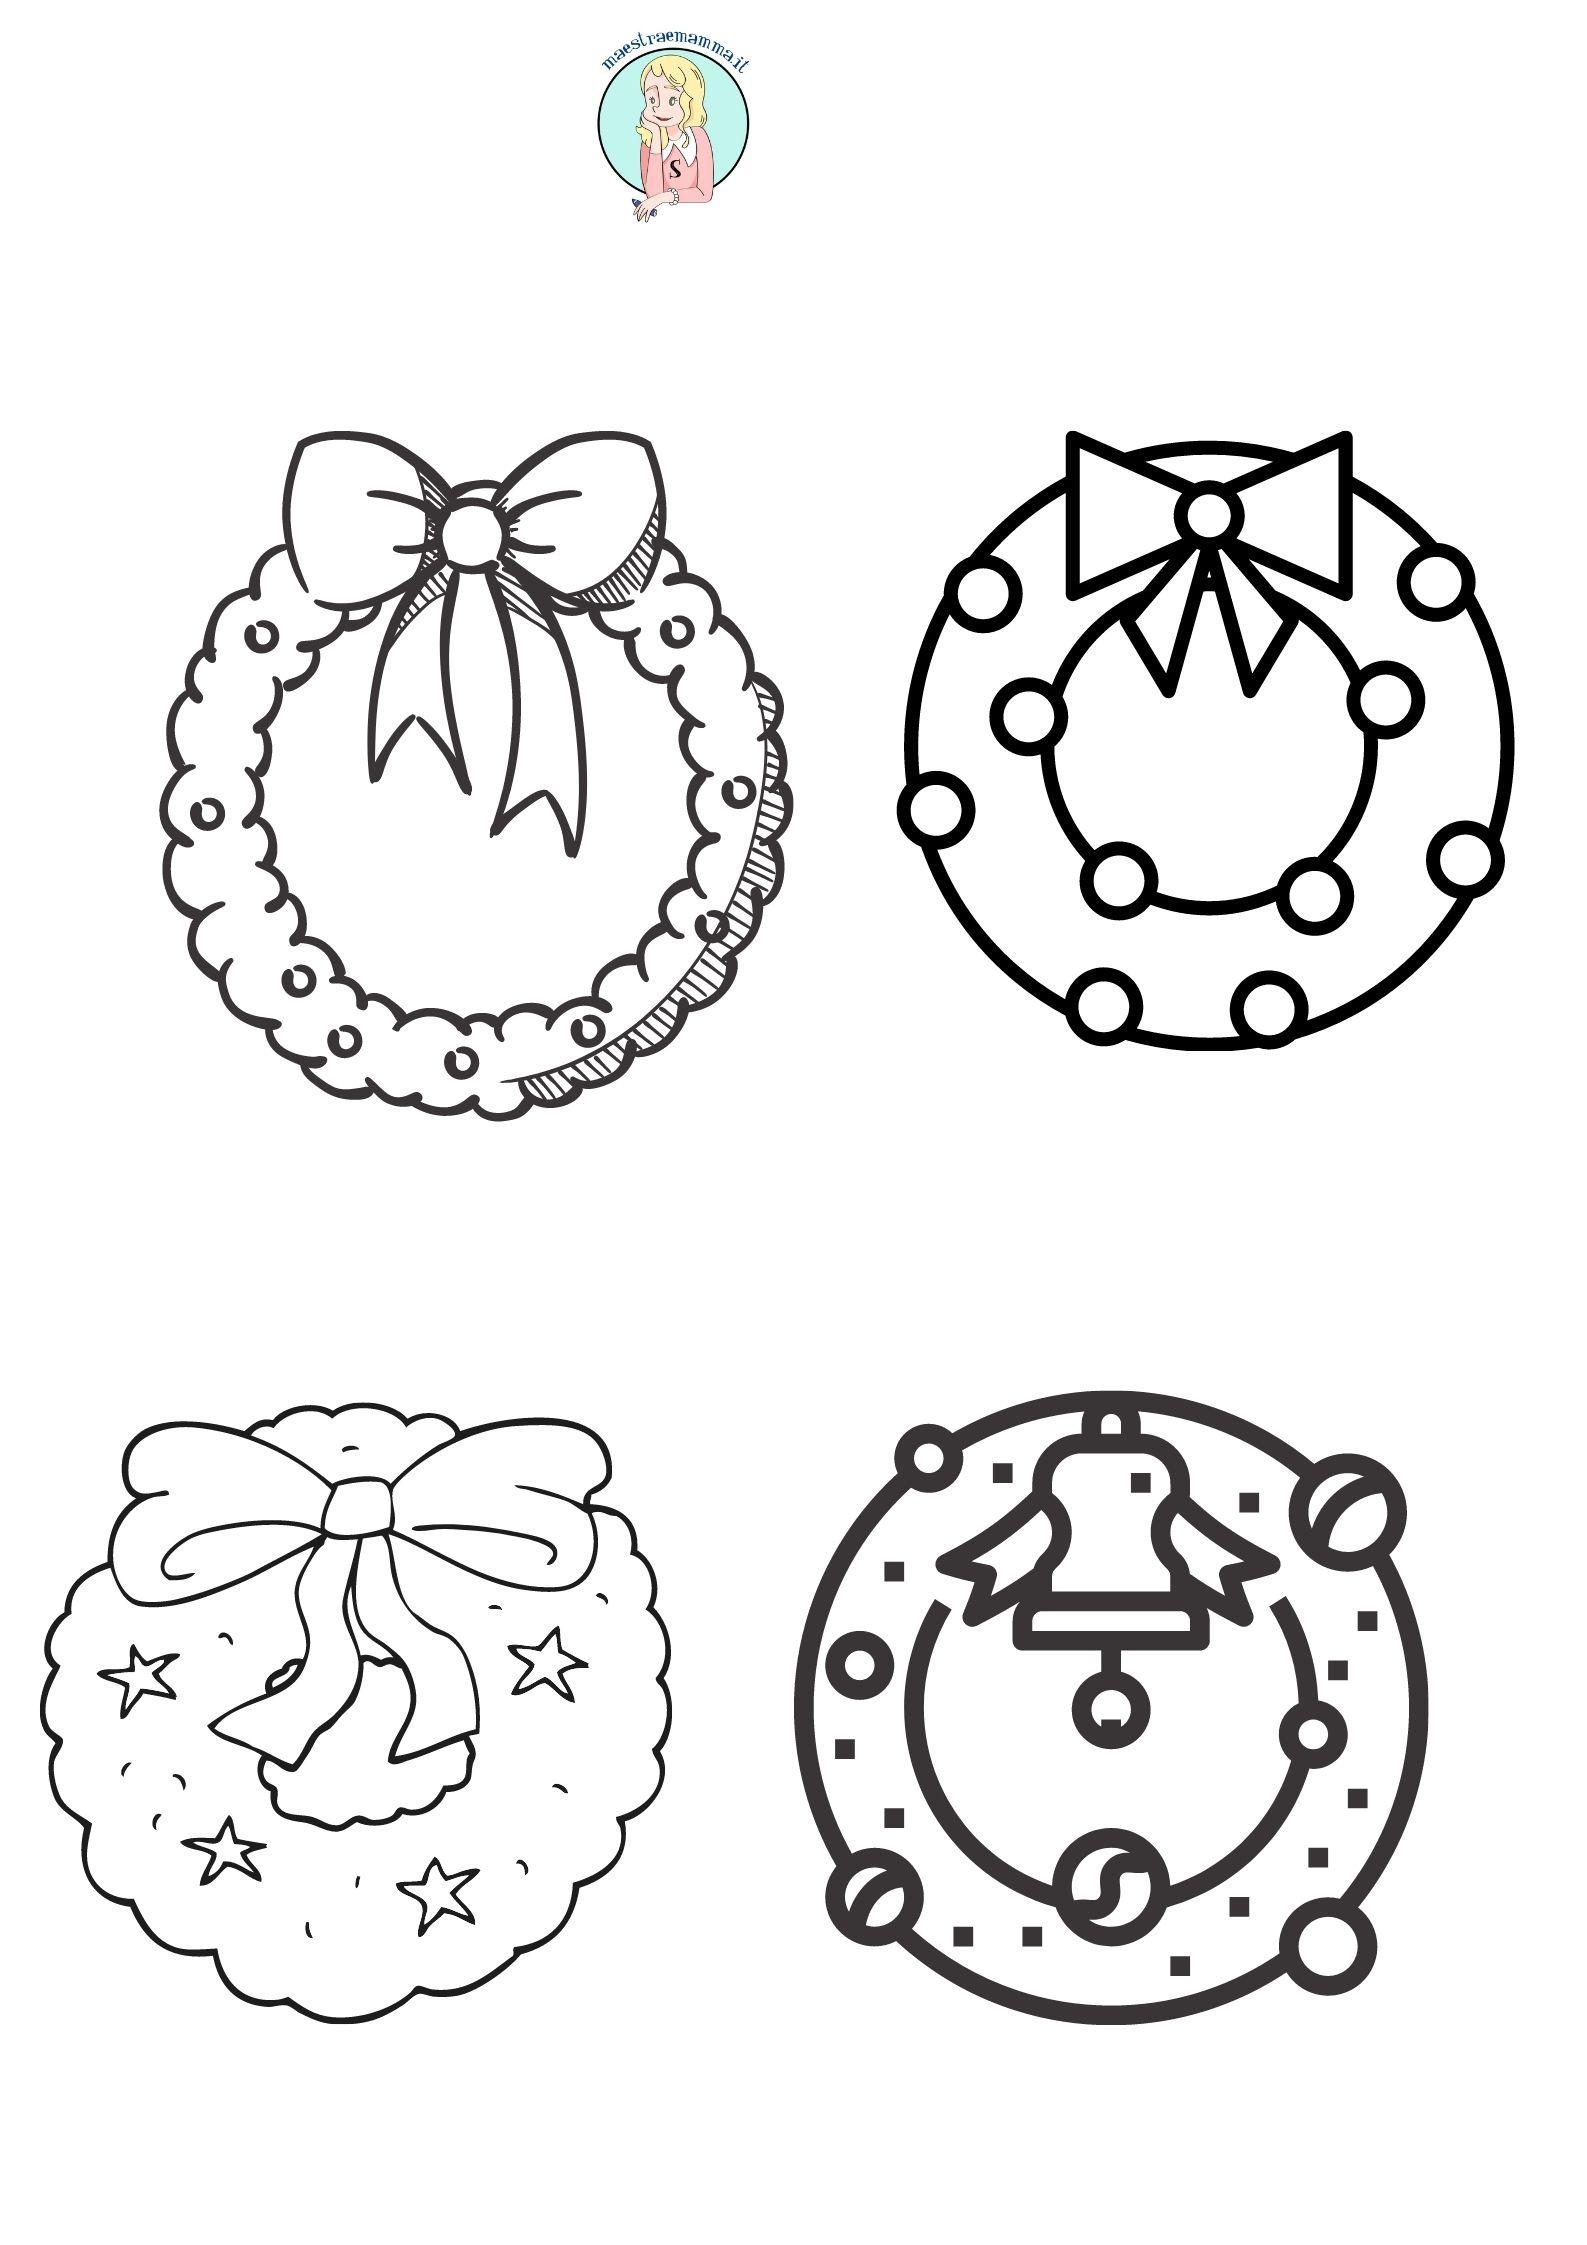 ghirlanda in bianco e nero Disegni di Natale da ricopiare stampare colorare appendere